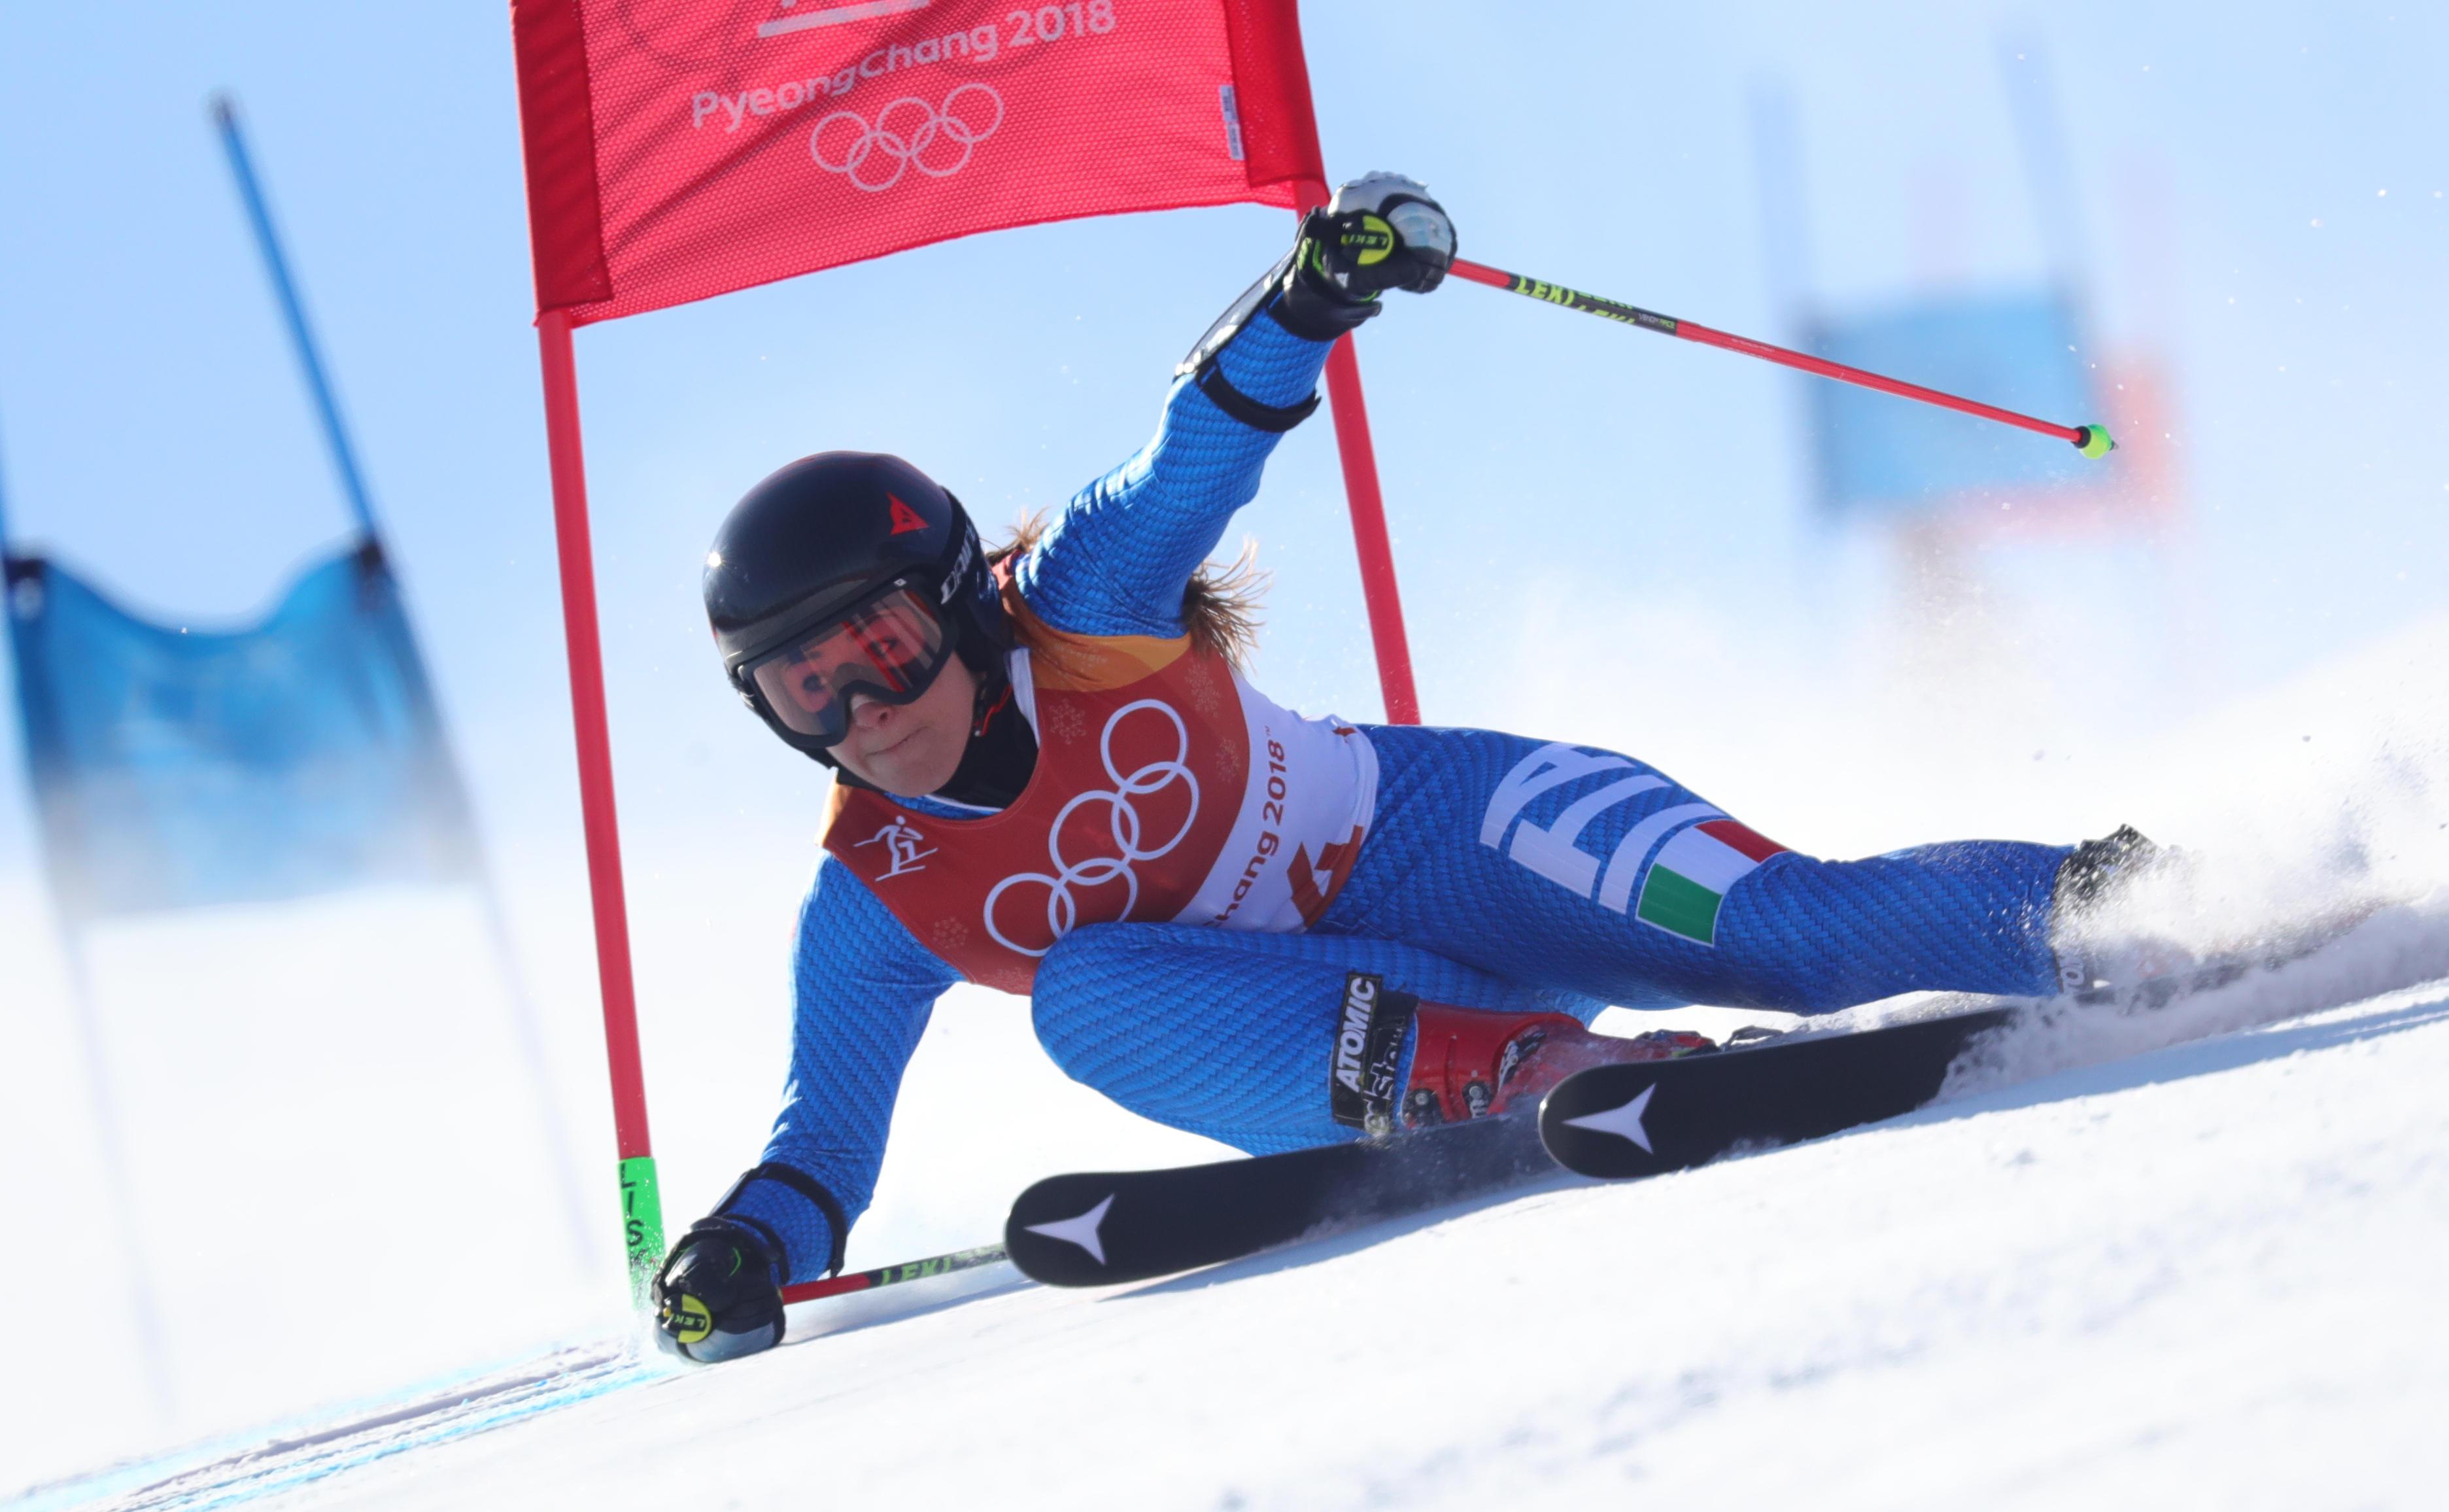 Le foto più belle della sciatrice Sofia Goggia, oro alle Olimpiadi / Image 2